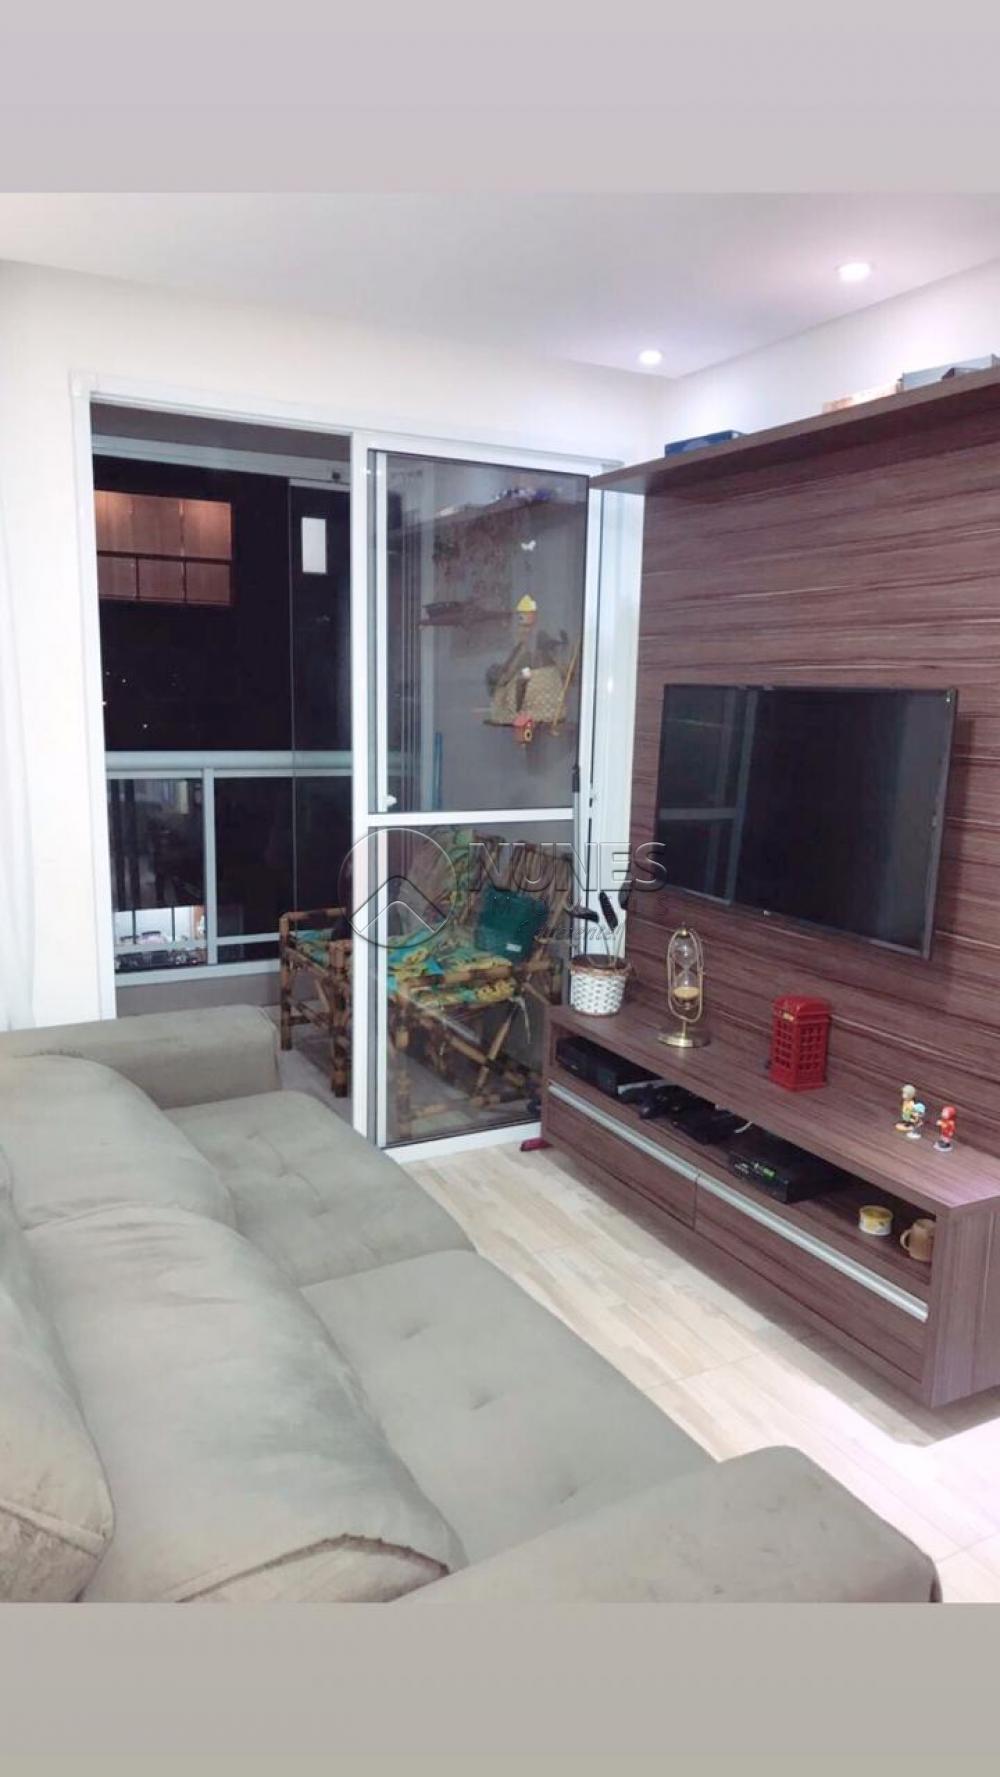 Comprar Apartamento / Padrão em Osasco apenas R$ 300.000,00 - Foto 3